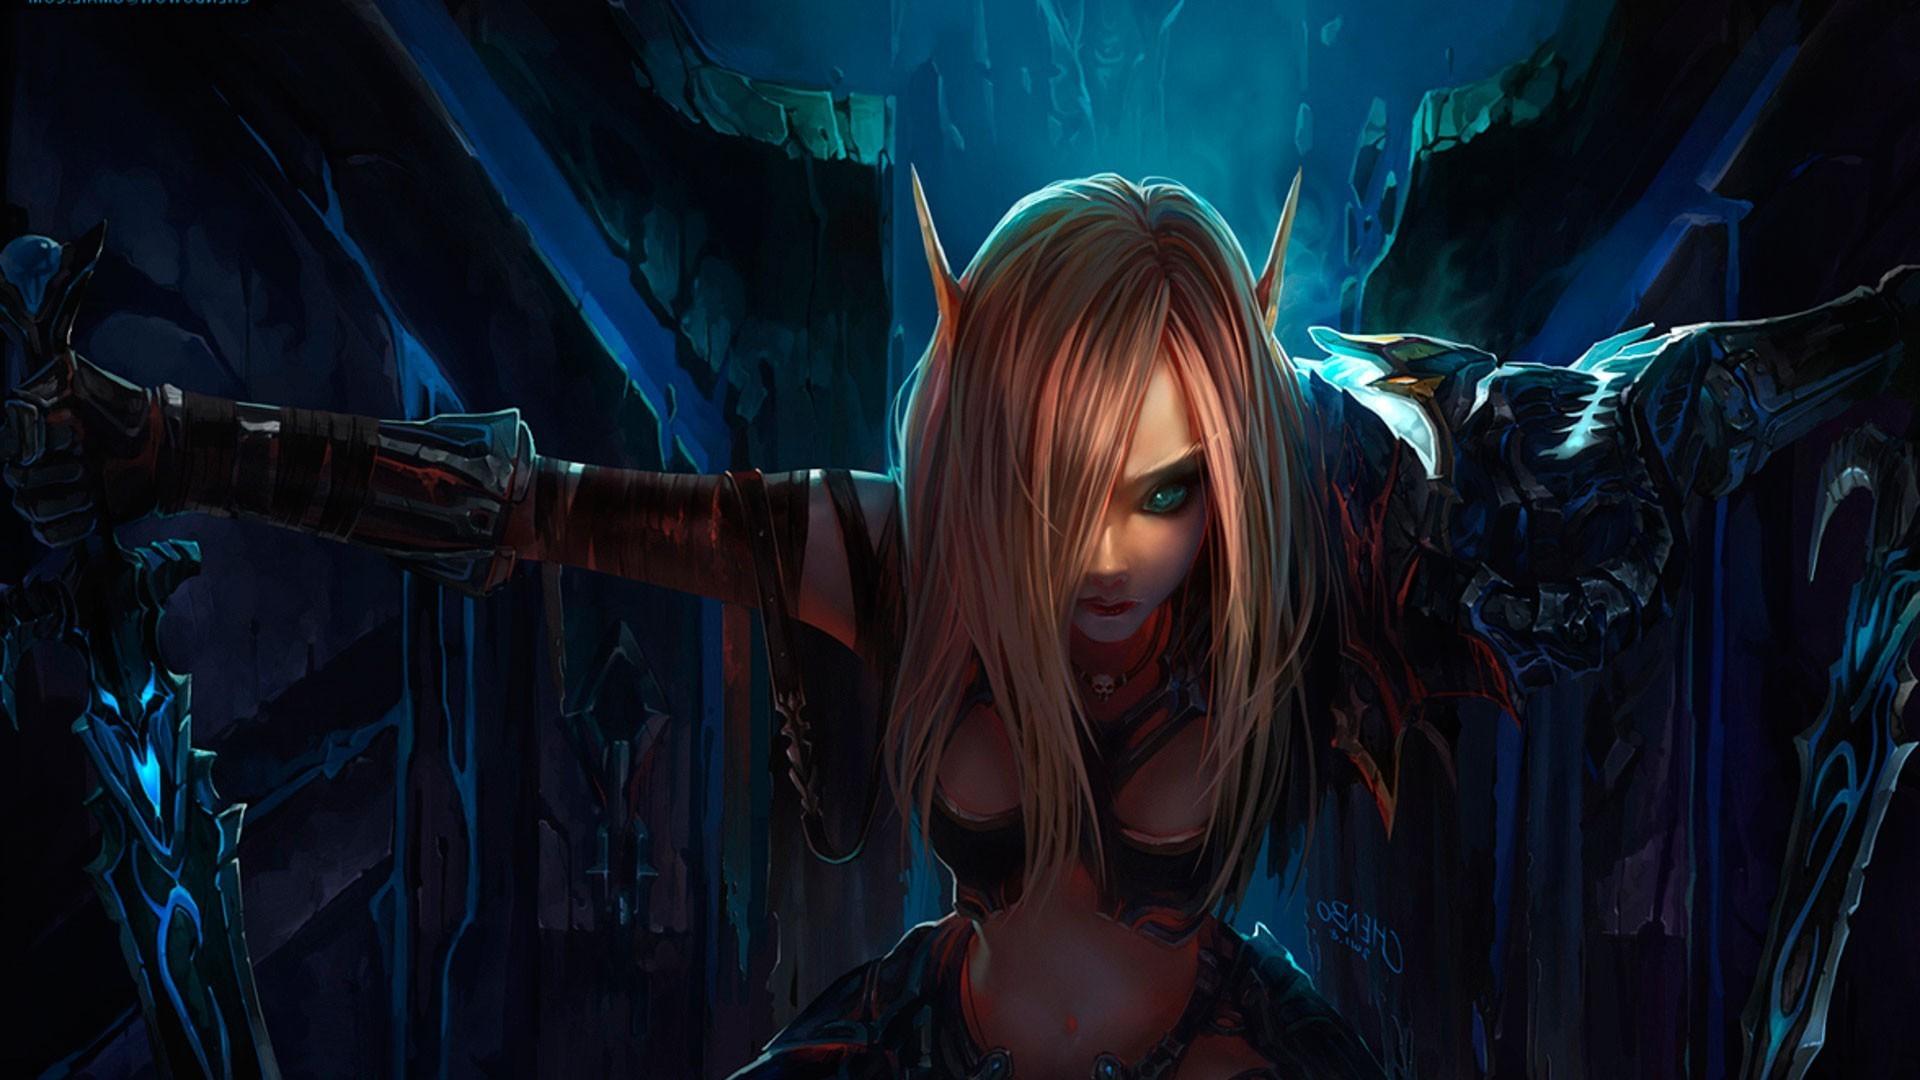 Best Game World Of Warcraft Wallpaper HD 18 High Resolution Wallpaper 1920x1080